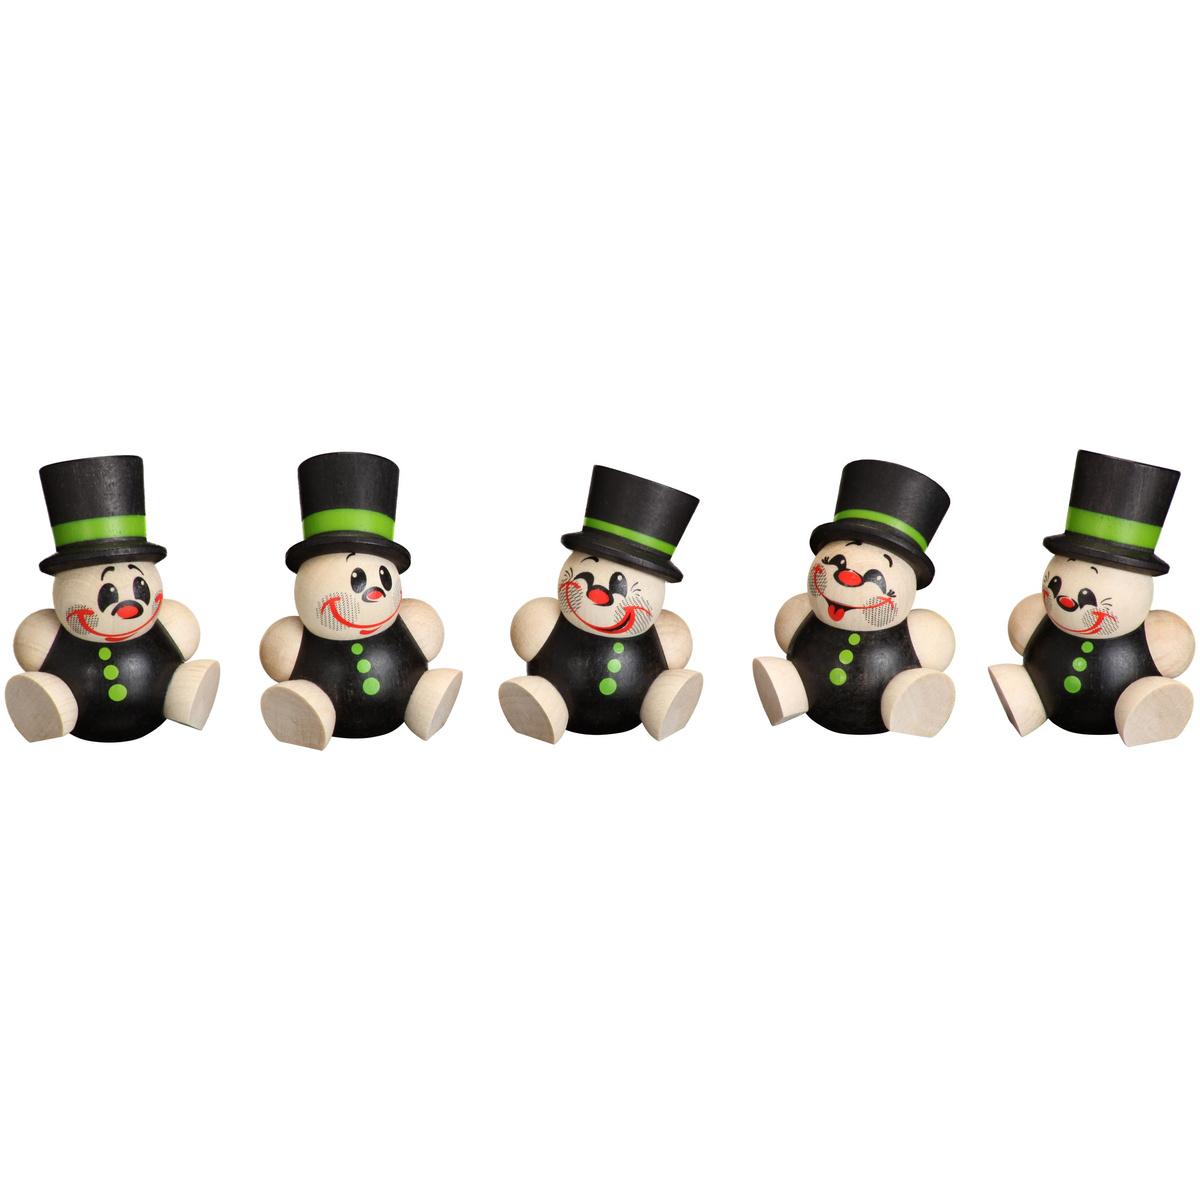 Baumbehang kugelfiguren schorchy 5er set von seiffener - Weihnachtsdeko figuren ...